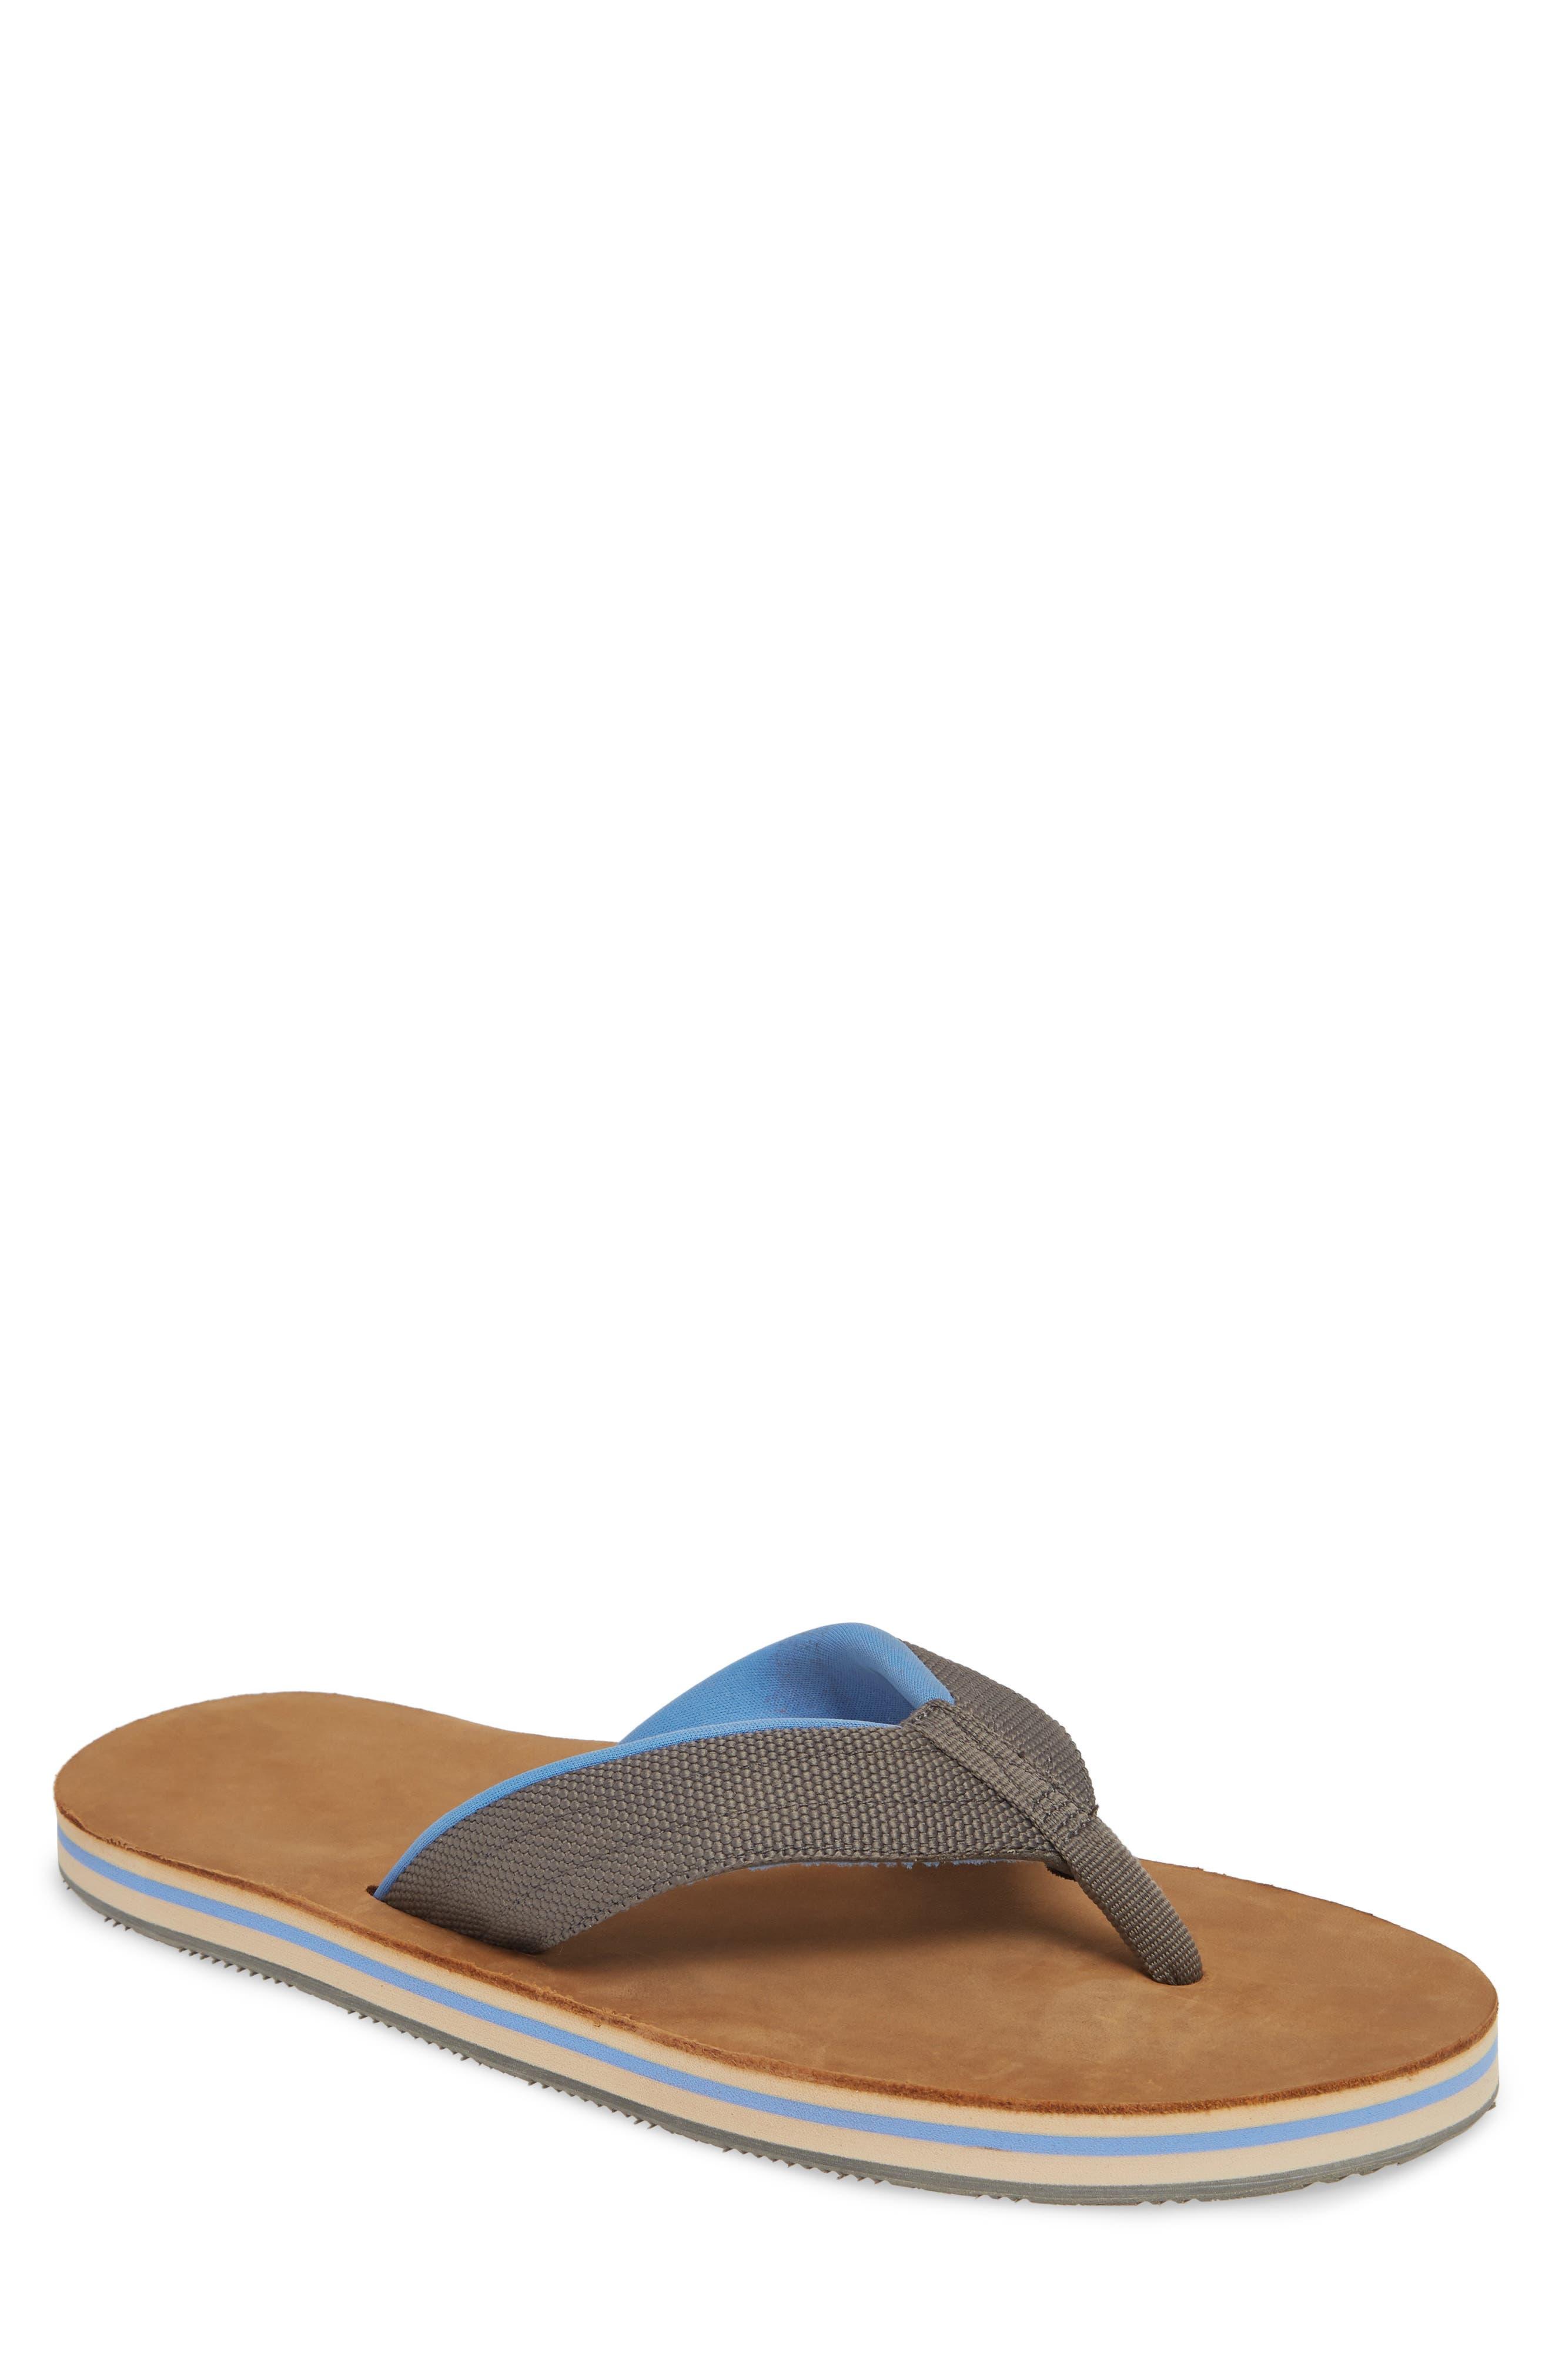 HARI MARI 'Scouts' Flip Flop, Main, color, GRAY/ BLUE